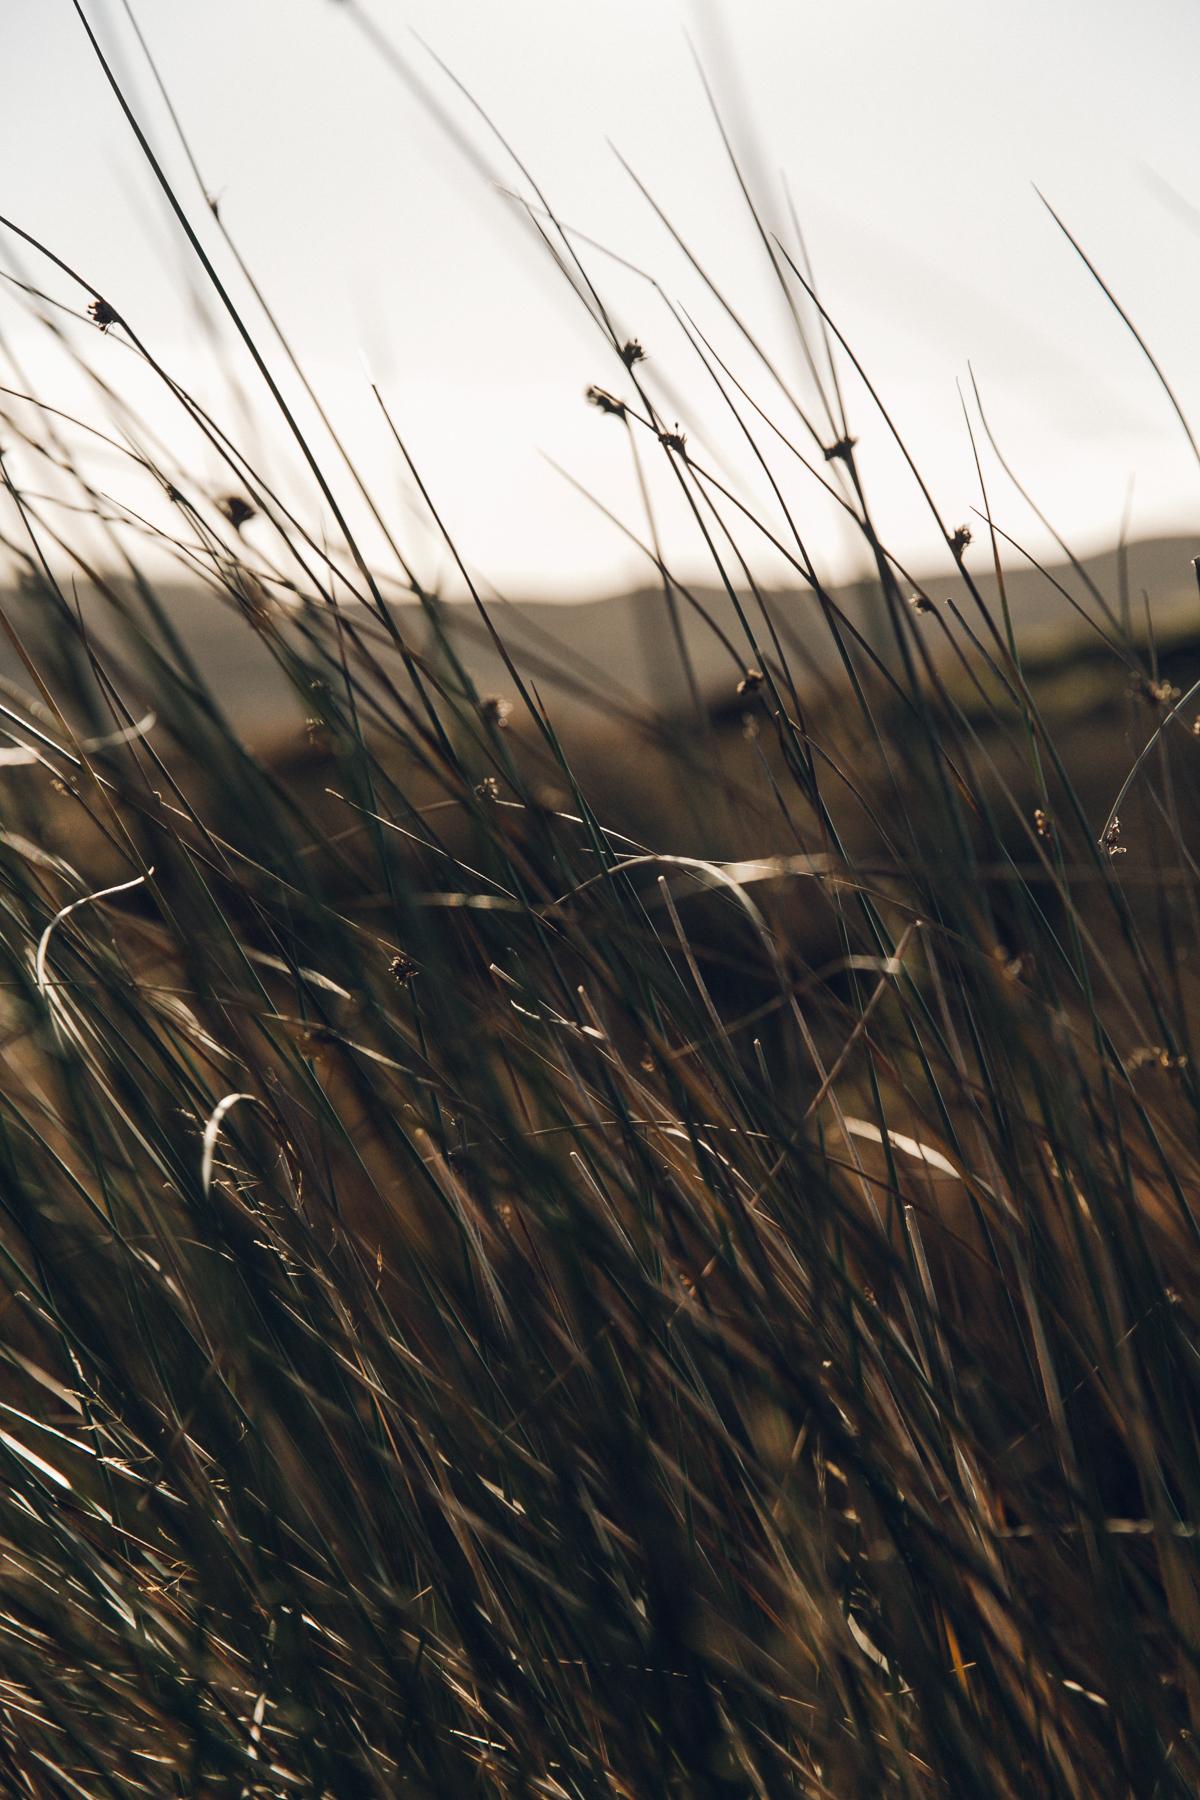 Sunlight through the grass.